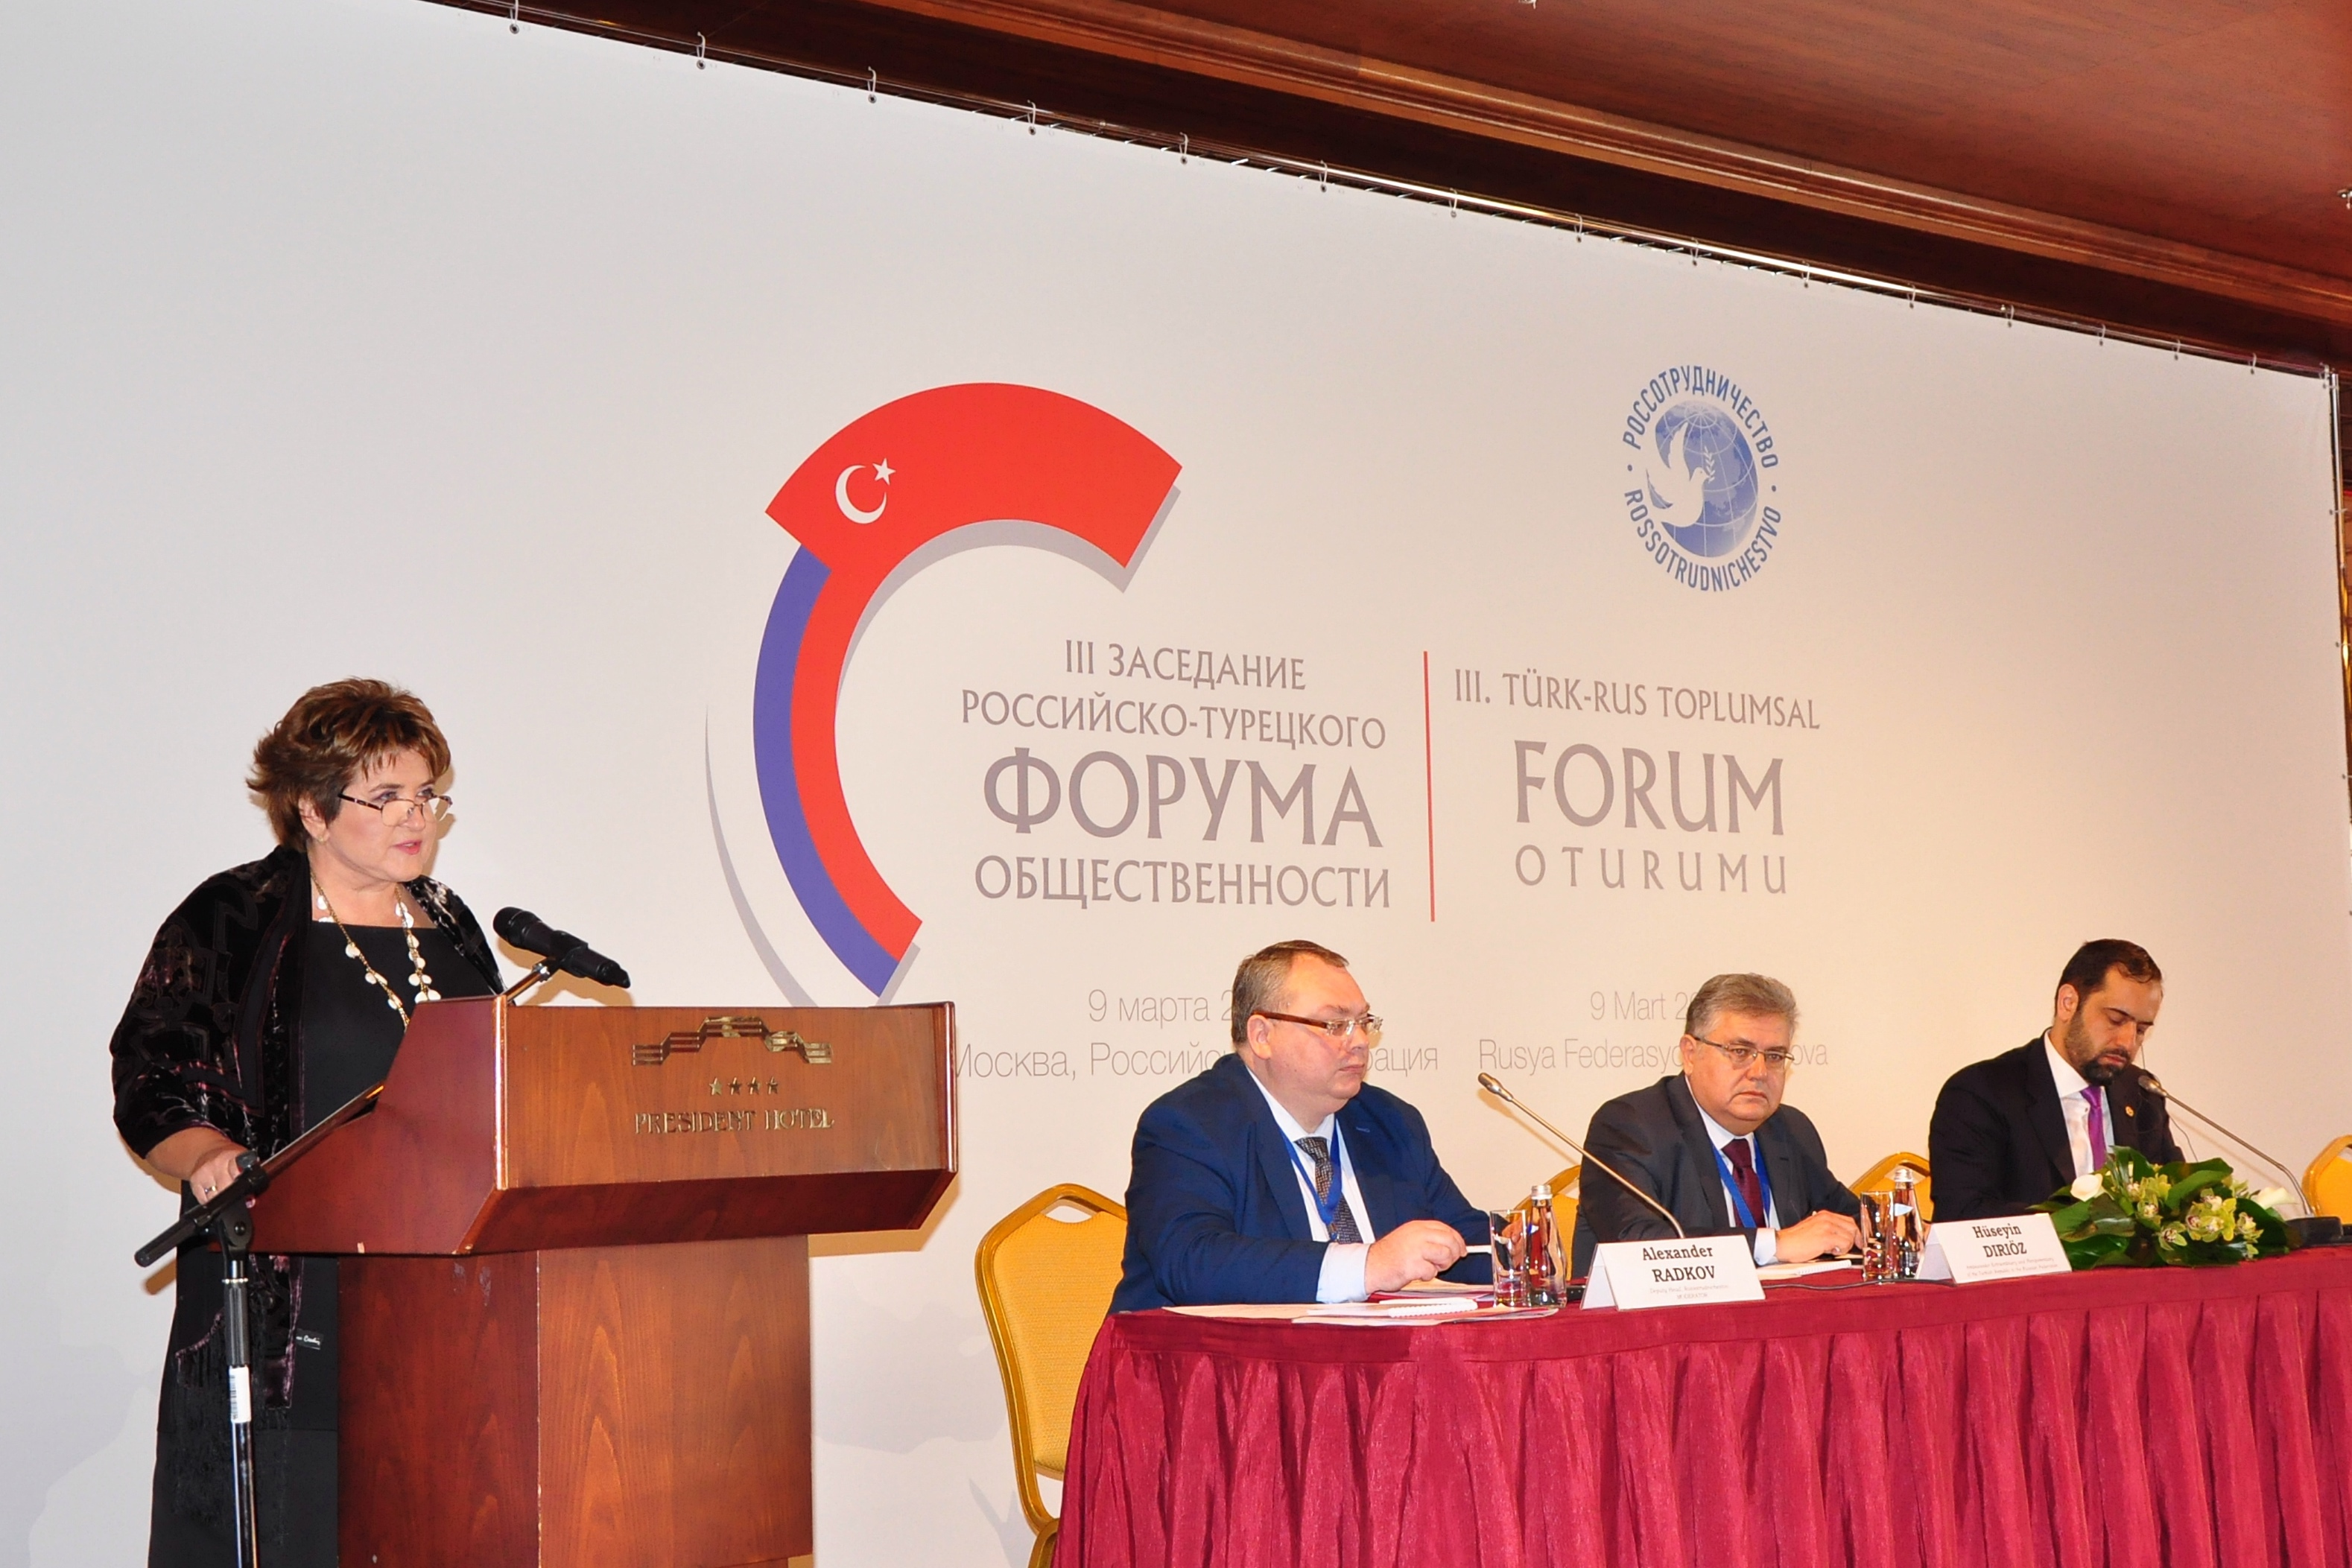 Любовь Глебова, руководитель Россотрудничества